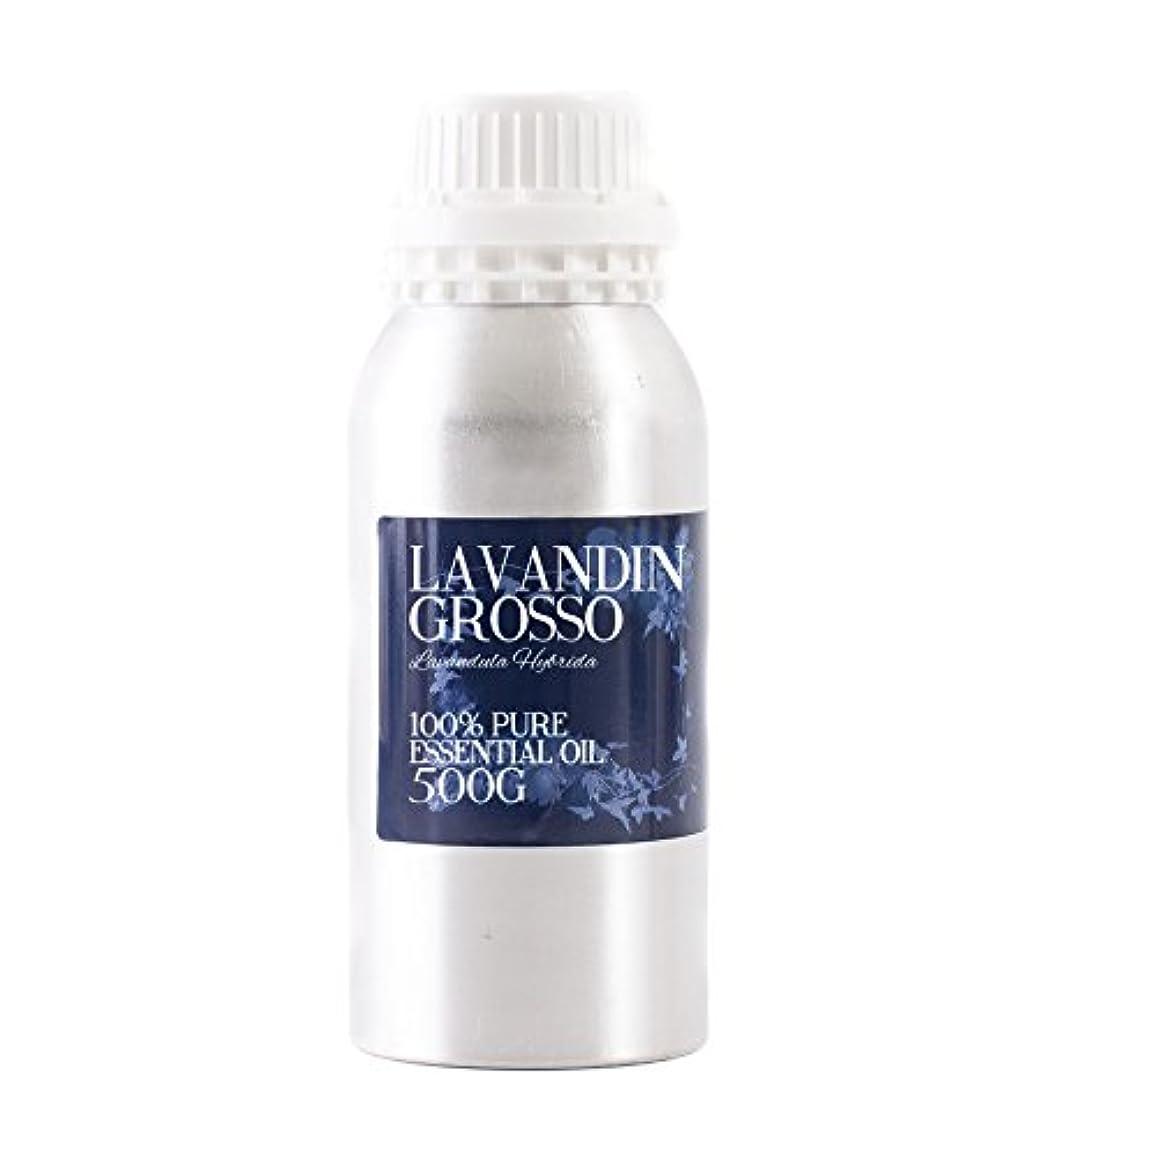 ディスパッチインスタンスネコMystic Moments | Lavandin Grosso Essential Oil - 500g - 100% Pure